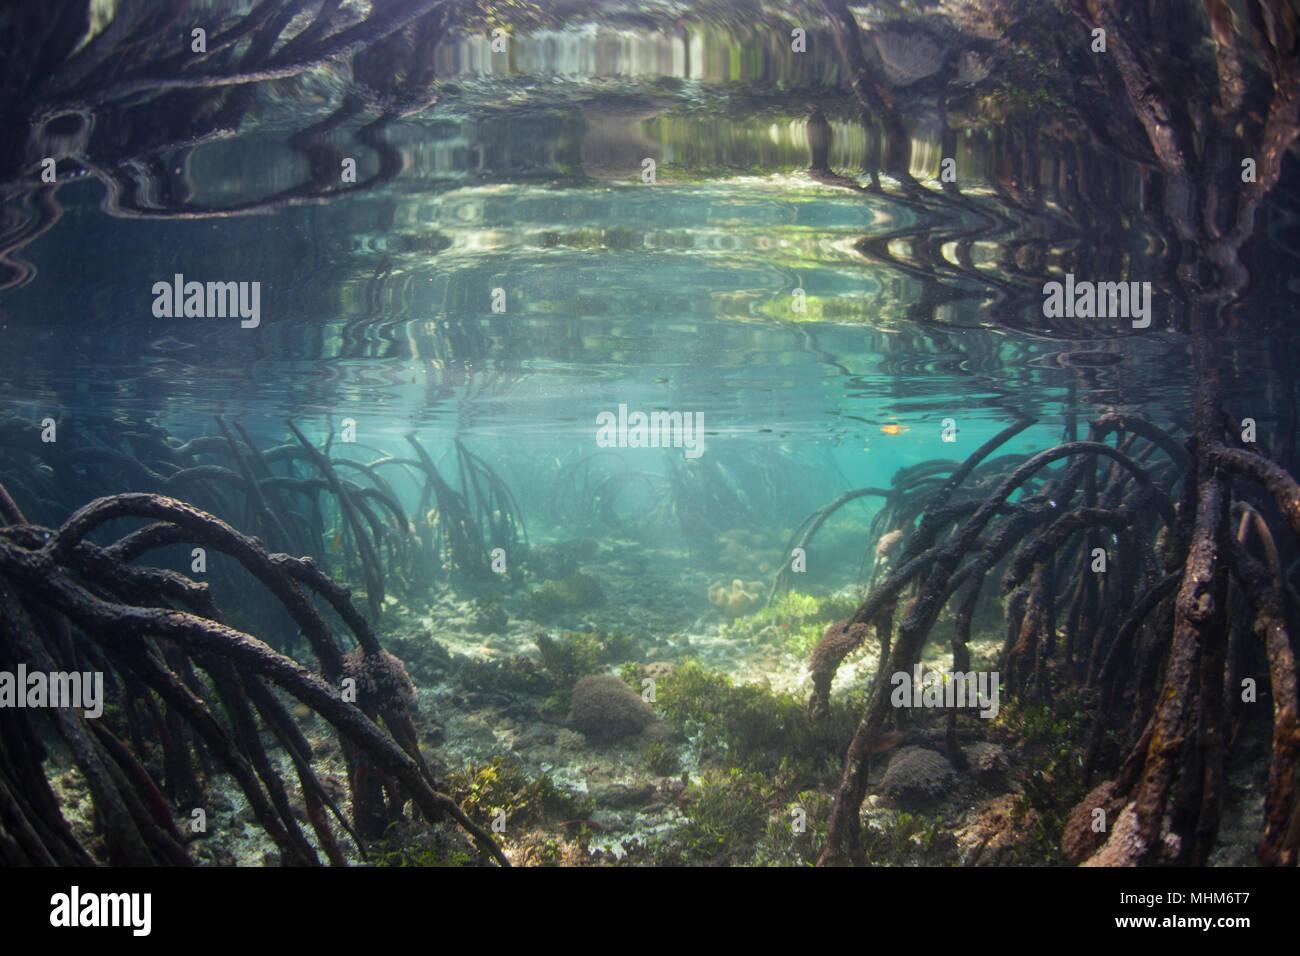 Marea Alta inundaciones un hermoso bosque de manglares de agua azul en Raja Ampat, Indonesia. Este tipo de manglar es conocido por sus aguas claras. Imagen De Stock